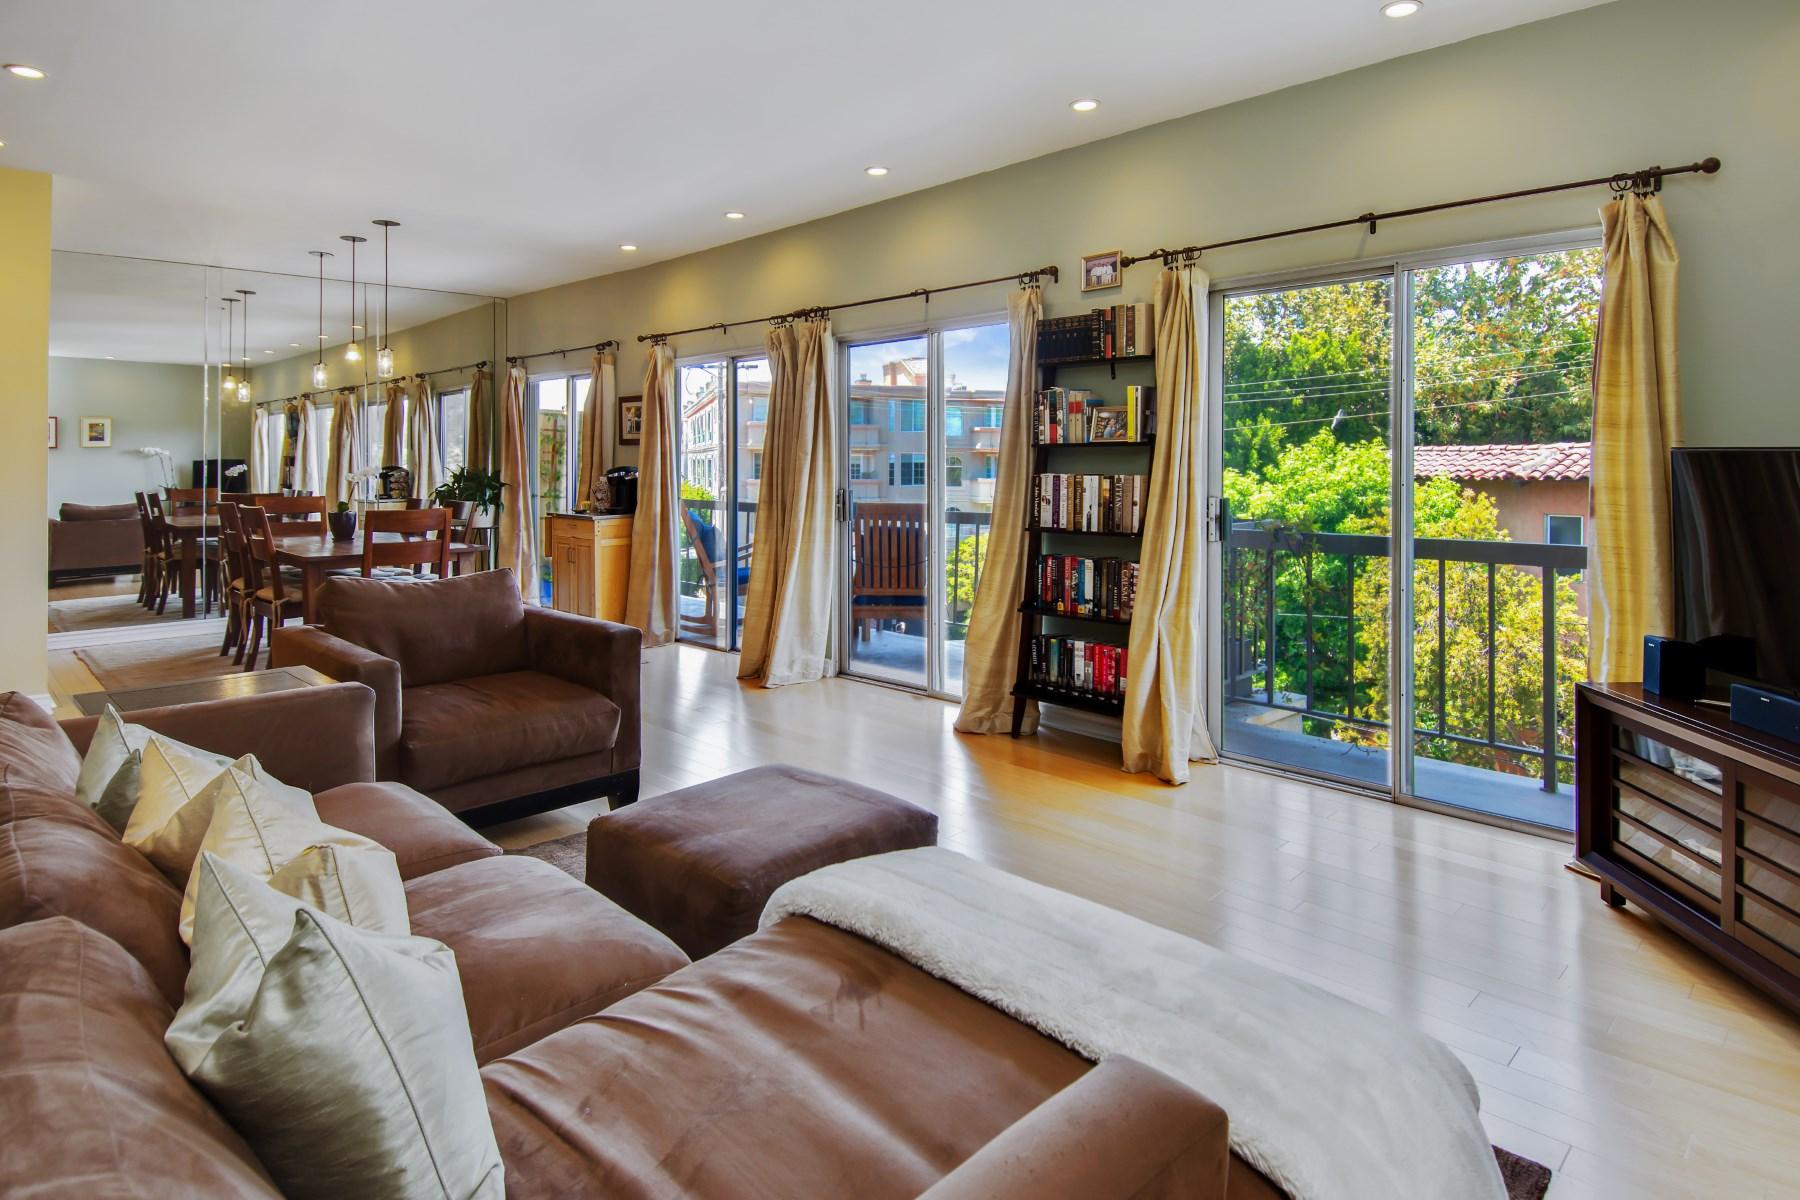 Кооперативная квартира для того Продажа на Top Floor Brentwood Gem 612 S Barrington Ave 415 Brentwood, Los Angeles, Калифорния, 90049 Соединенные Штаты